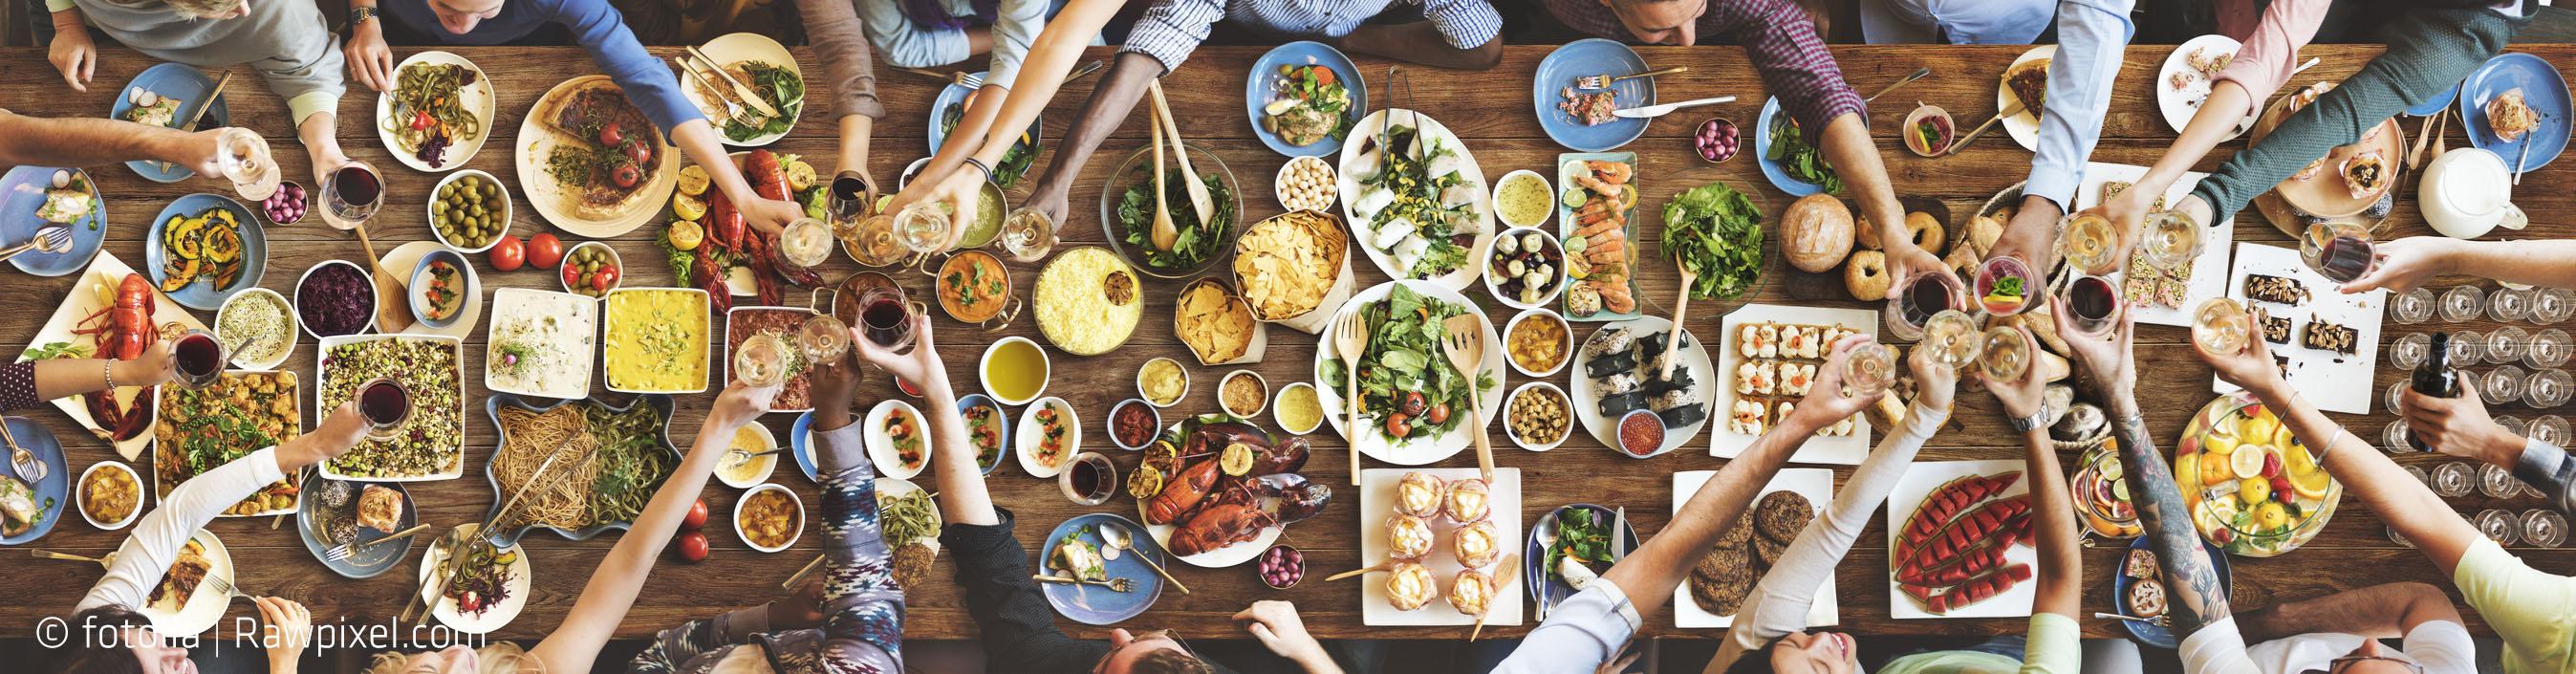 Essen mit Freunden